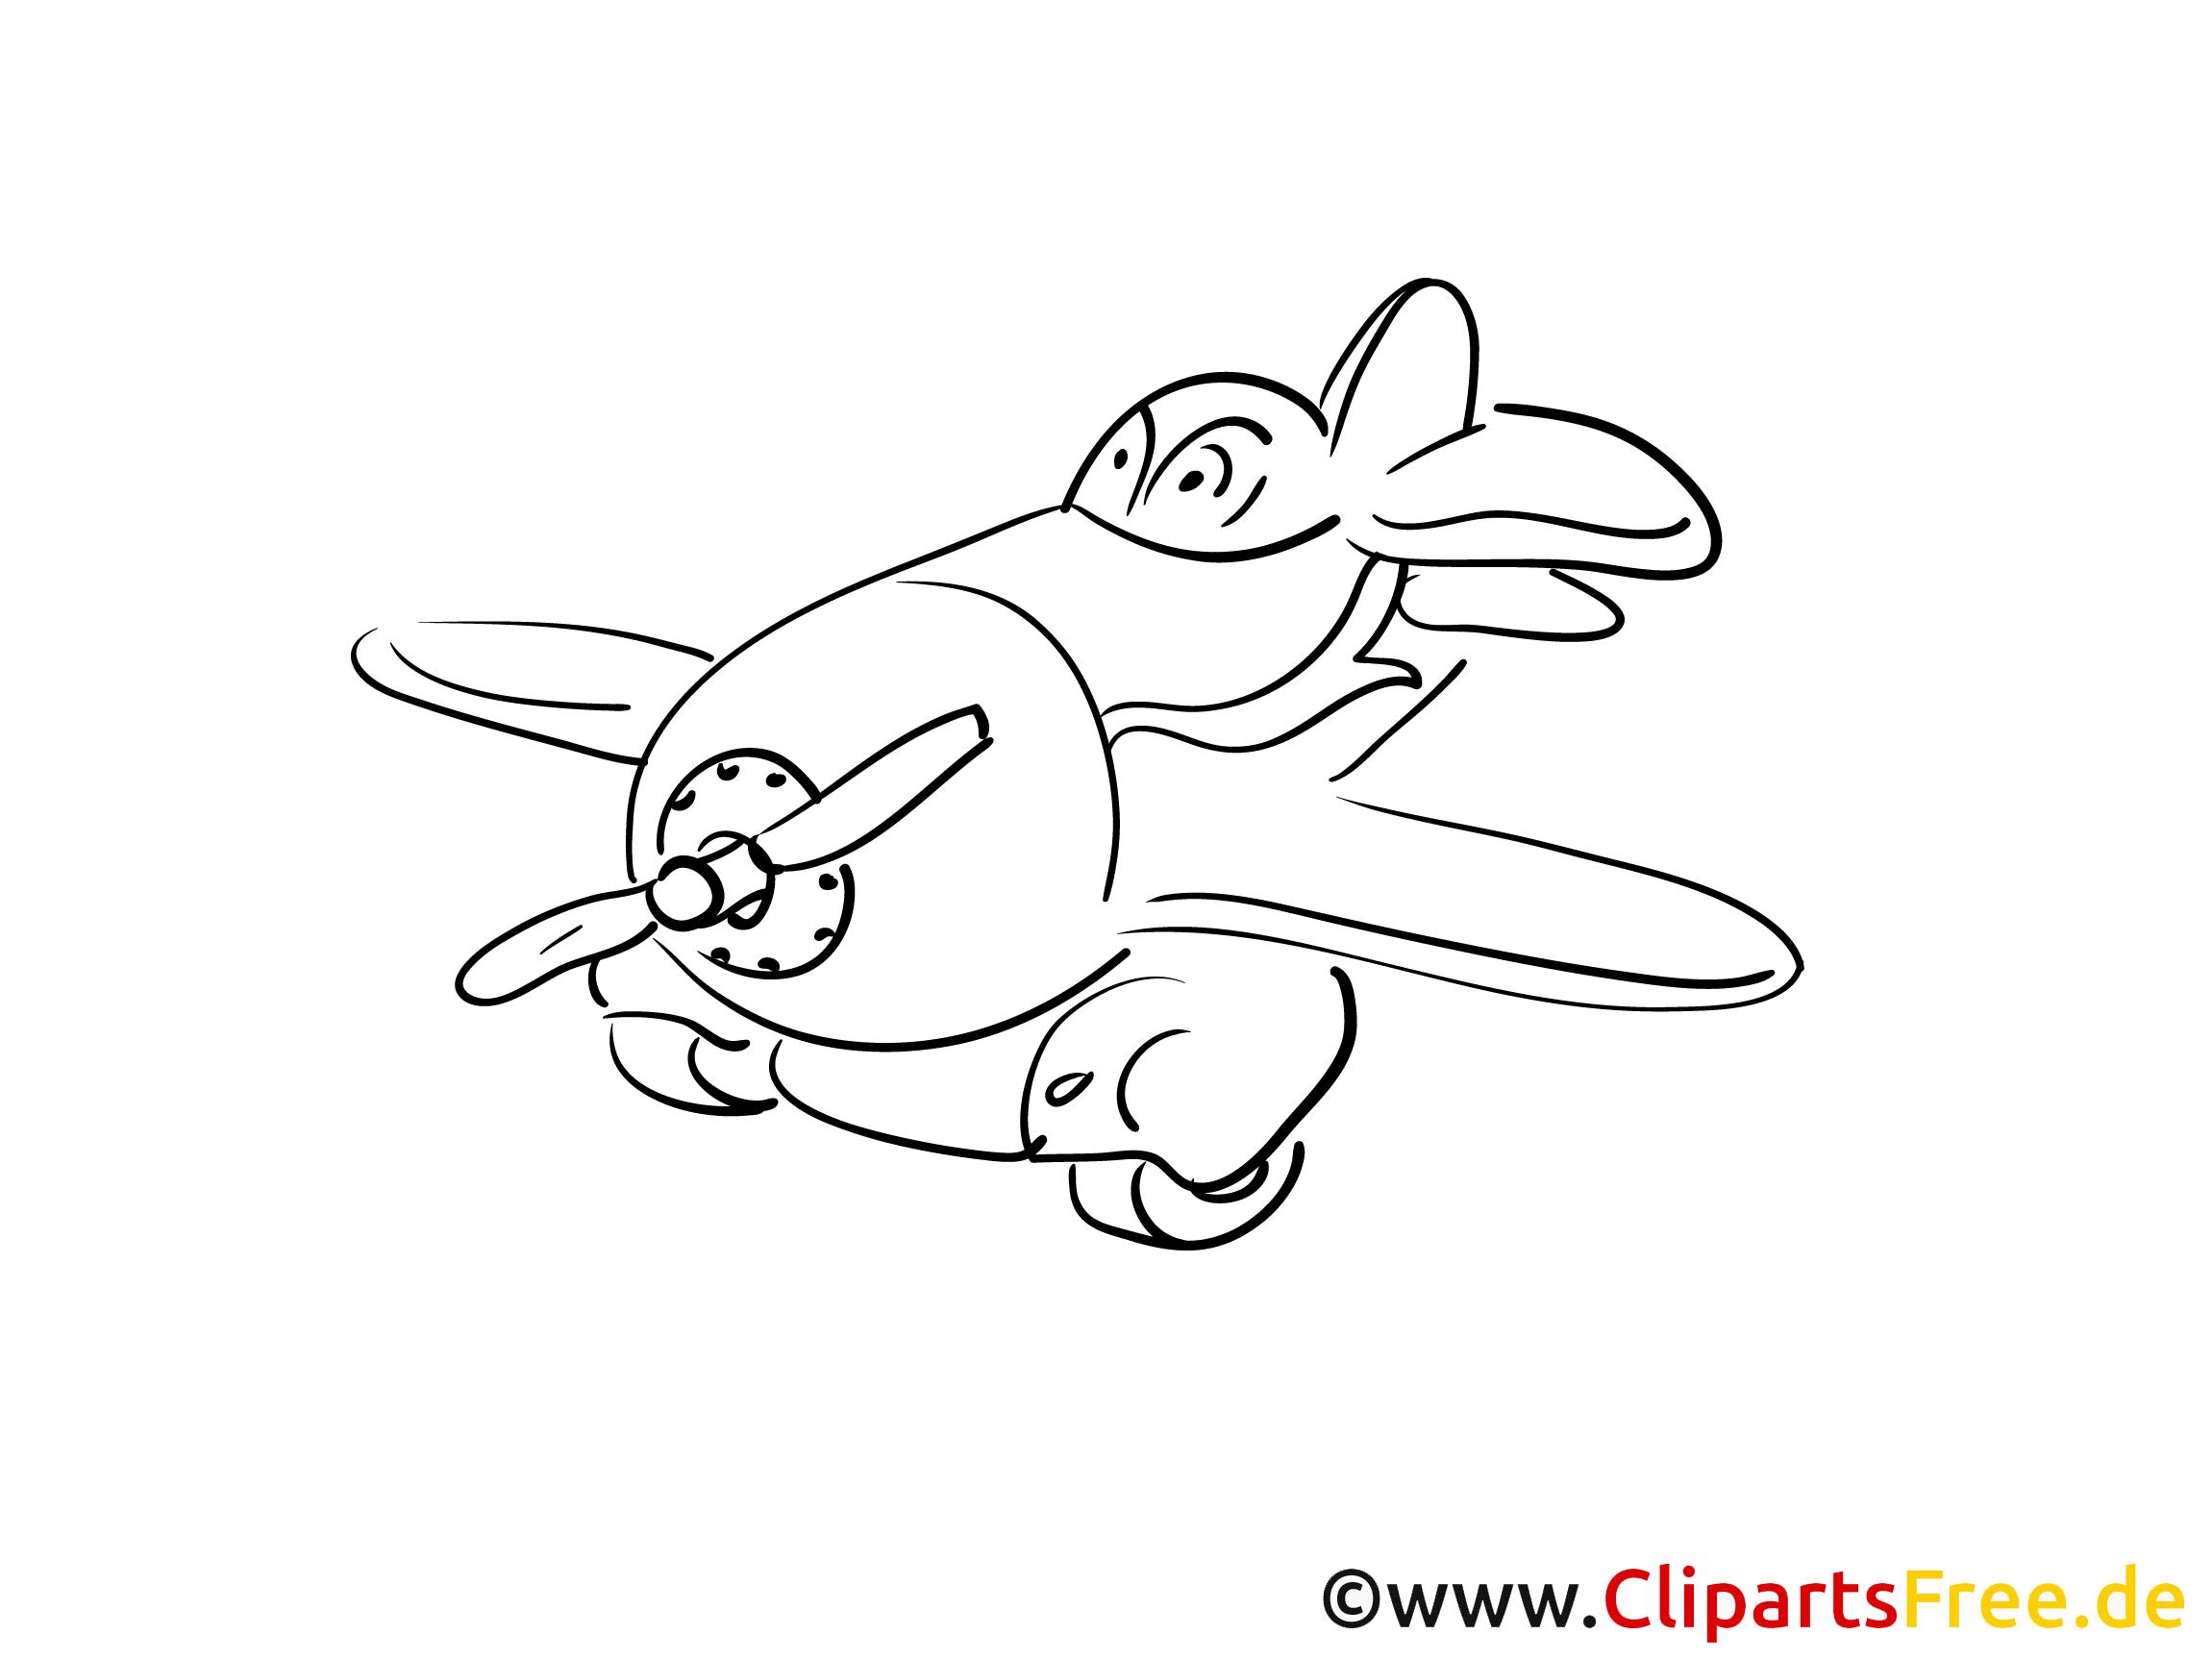 Kleines Flugzeug Ausmalbilder Technik und Aviation